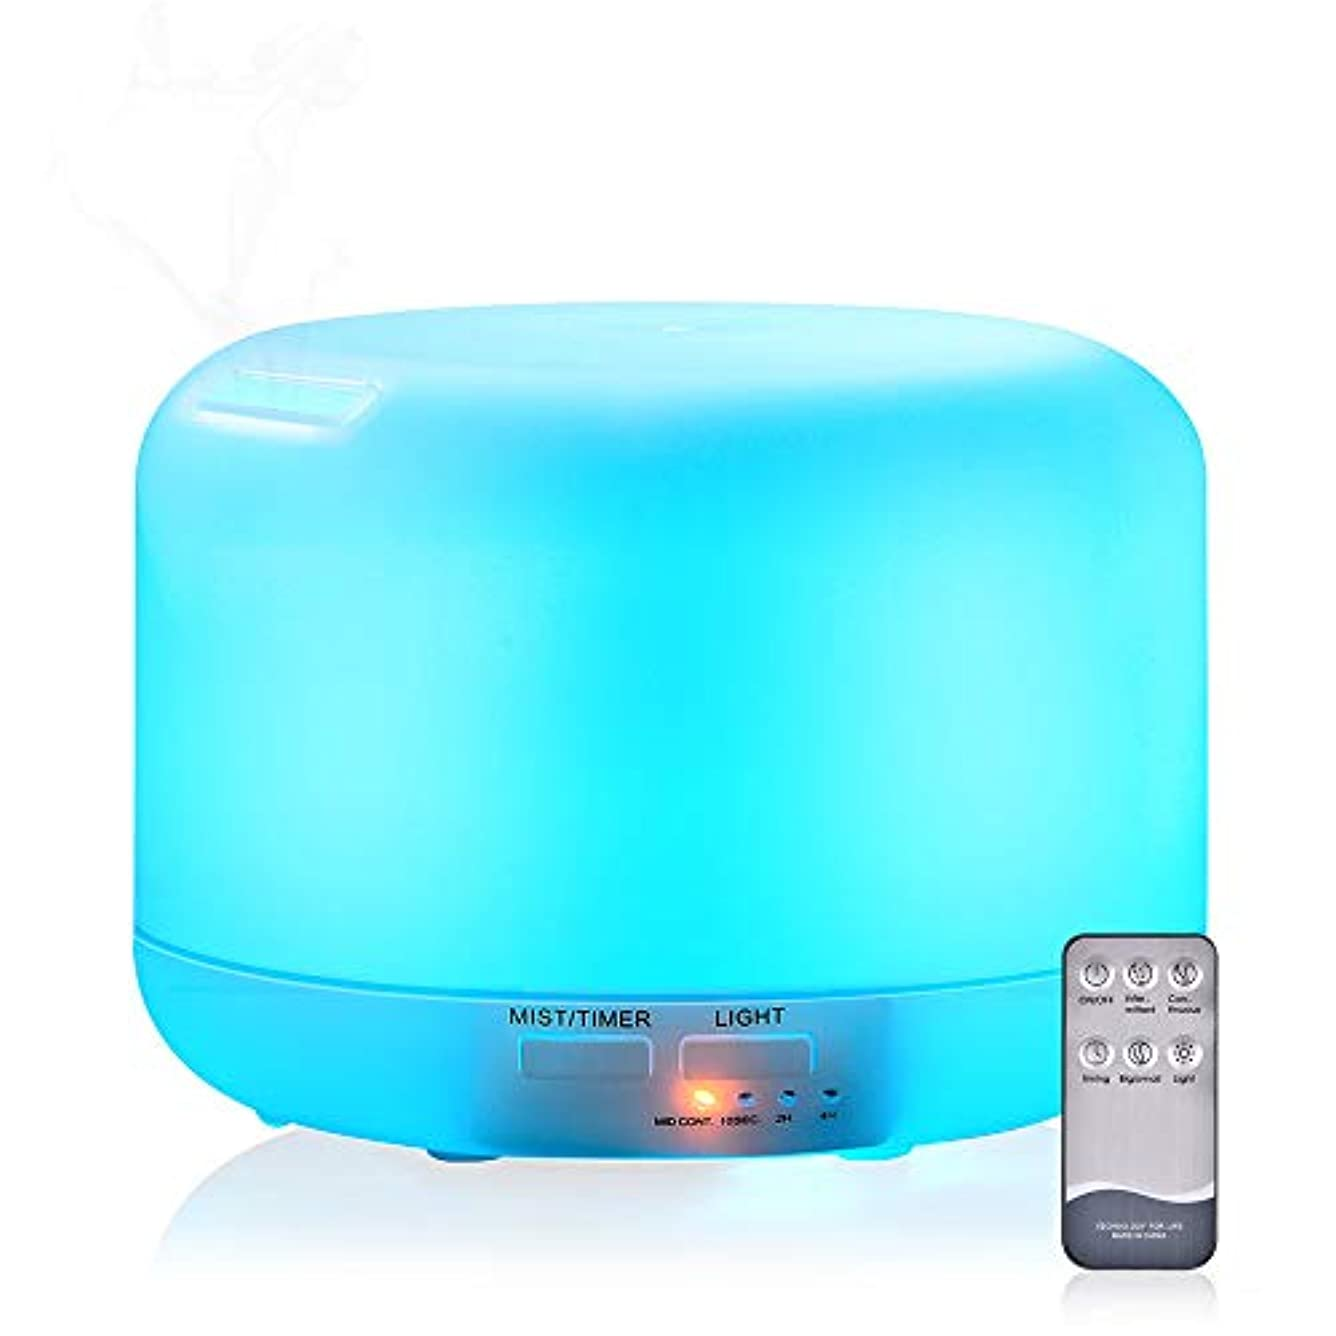 死すべき食器棚フェッチ500ミリメートルリモコン空気アロマ超音波加湿器カラーLEDライト電気アロマセラピーエッセンシャルオイルディフューザー